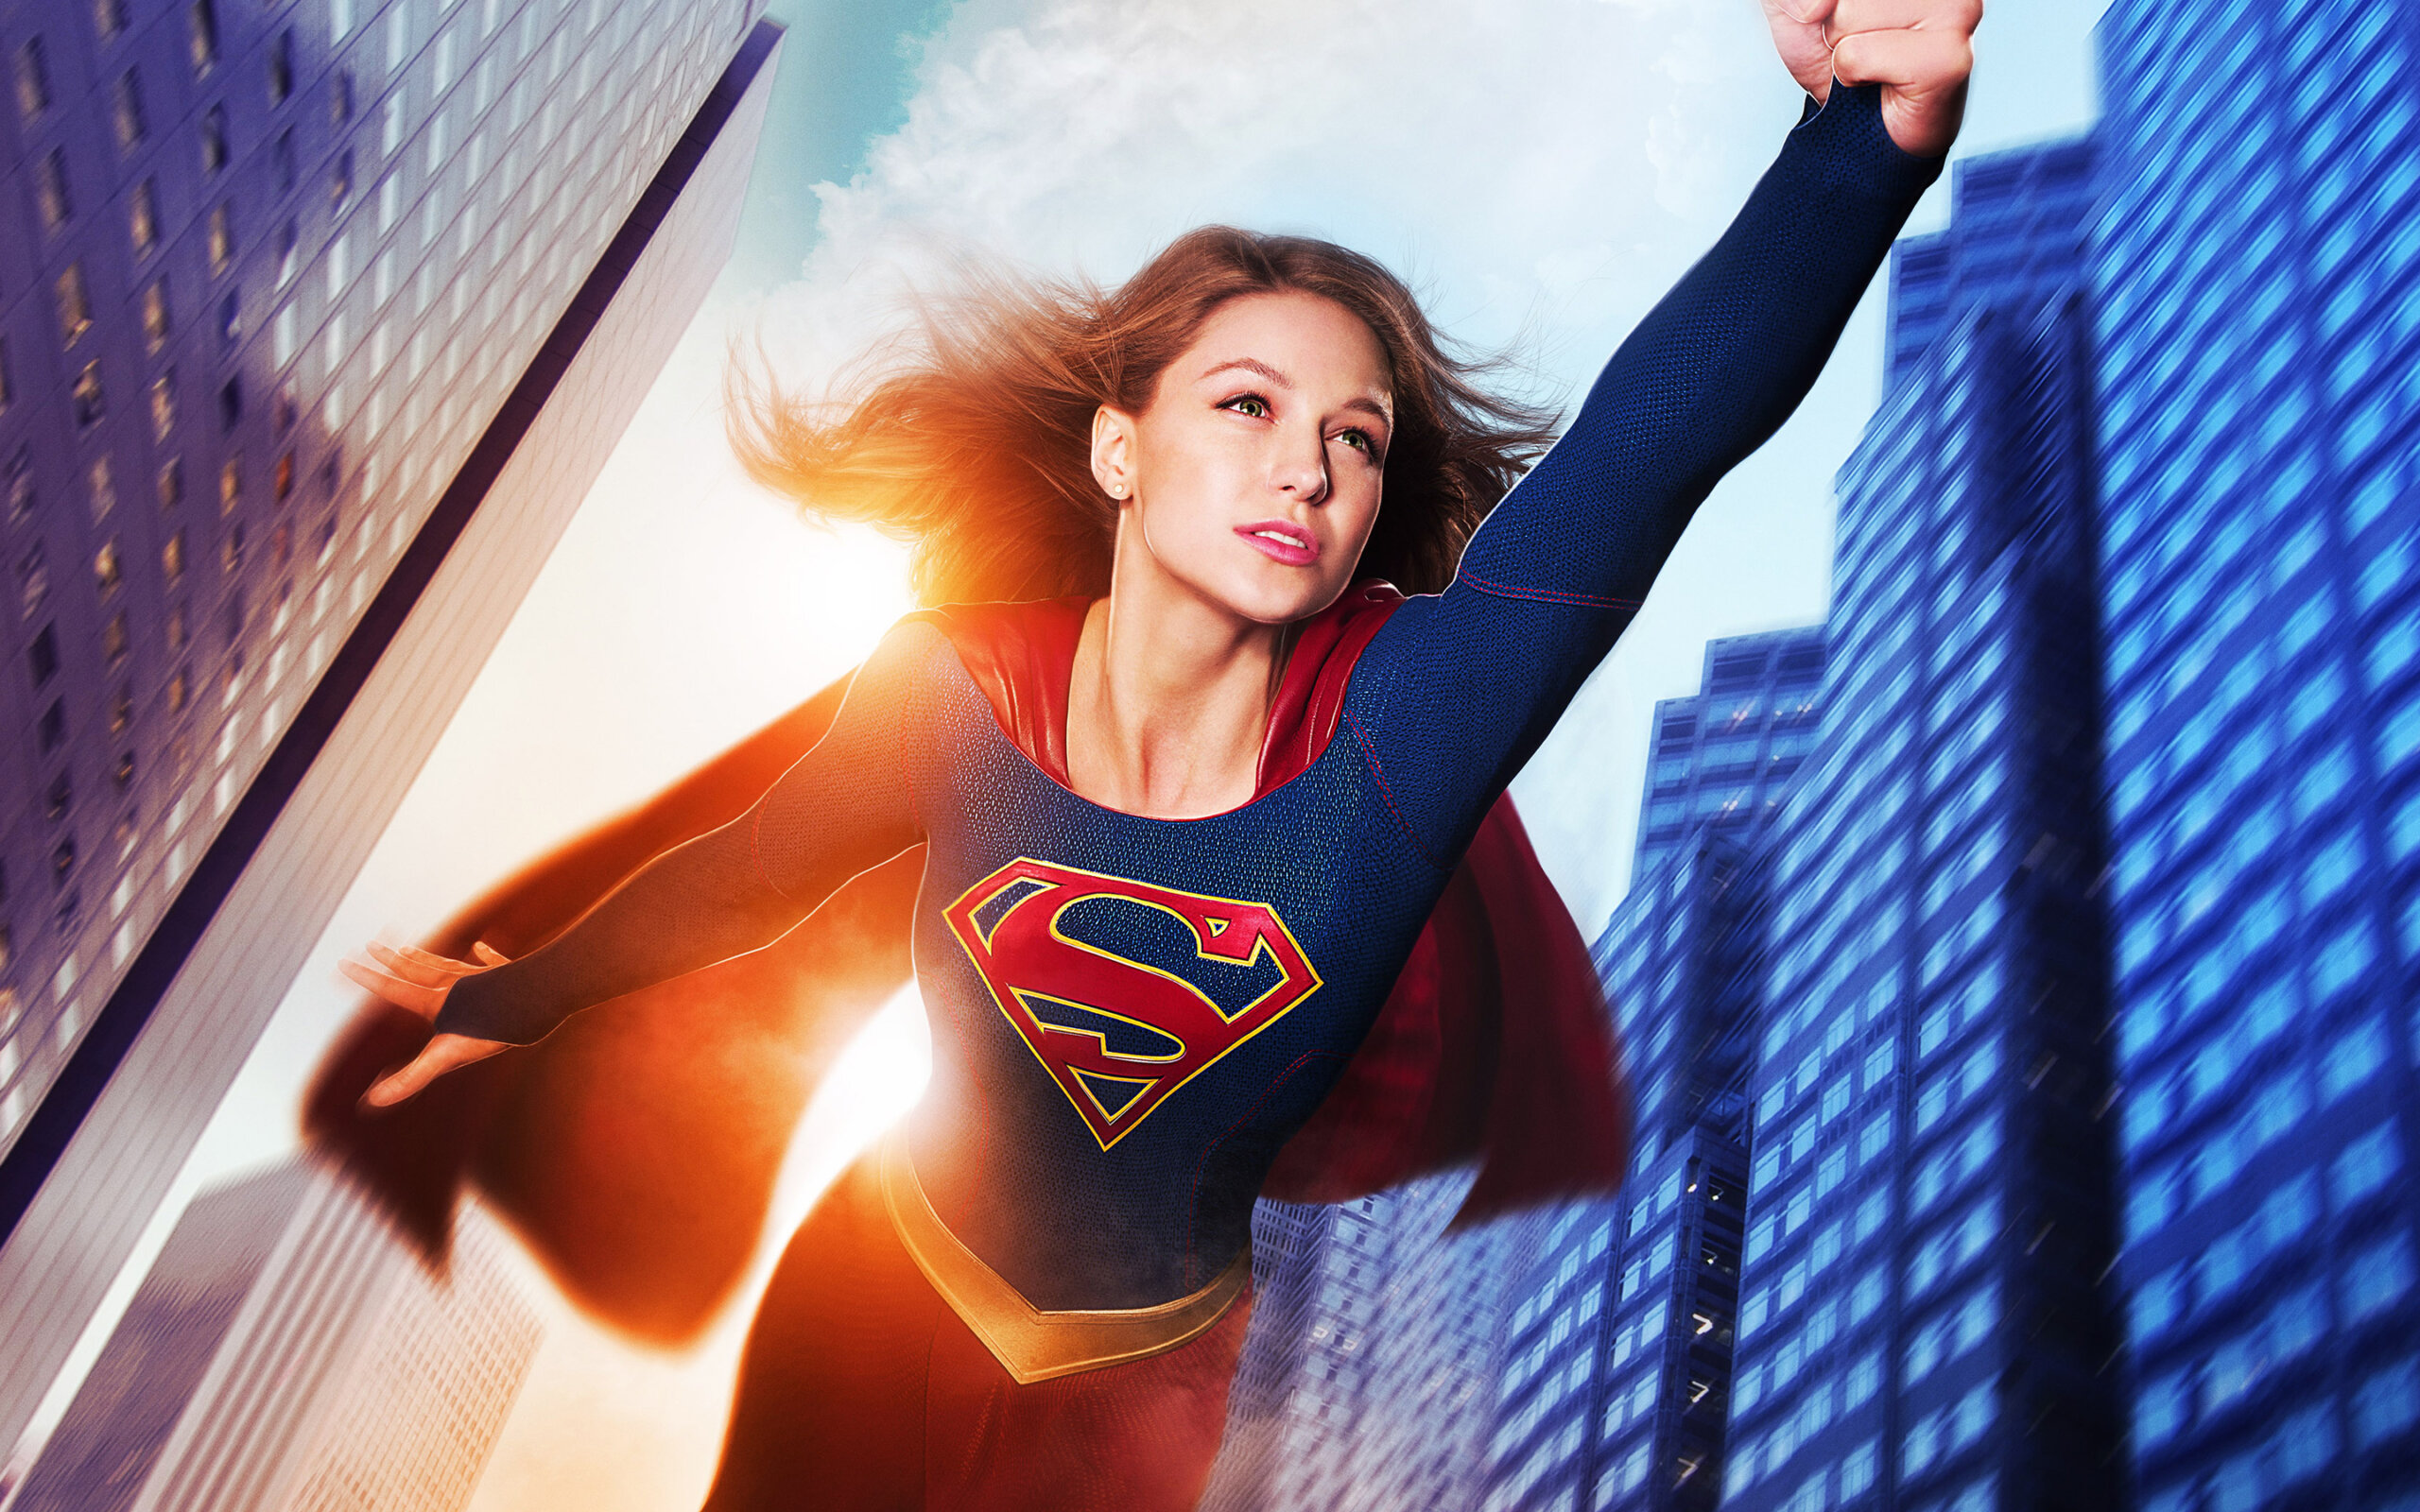 Супермен женщина картинки